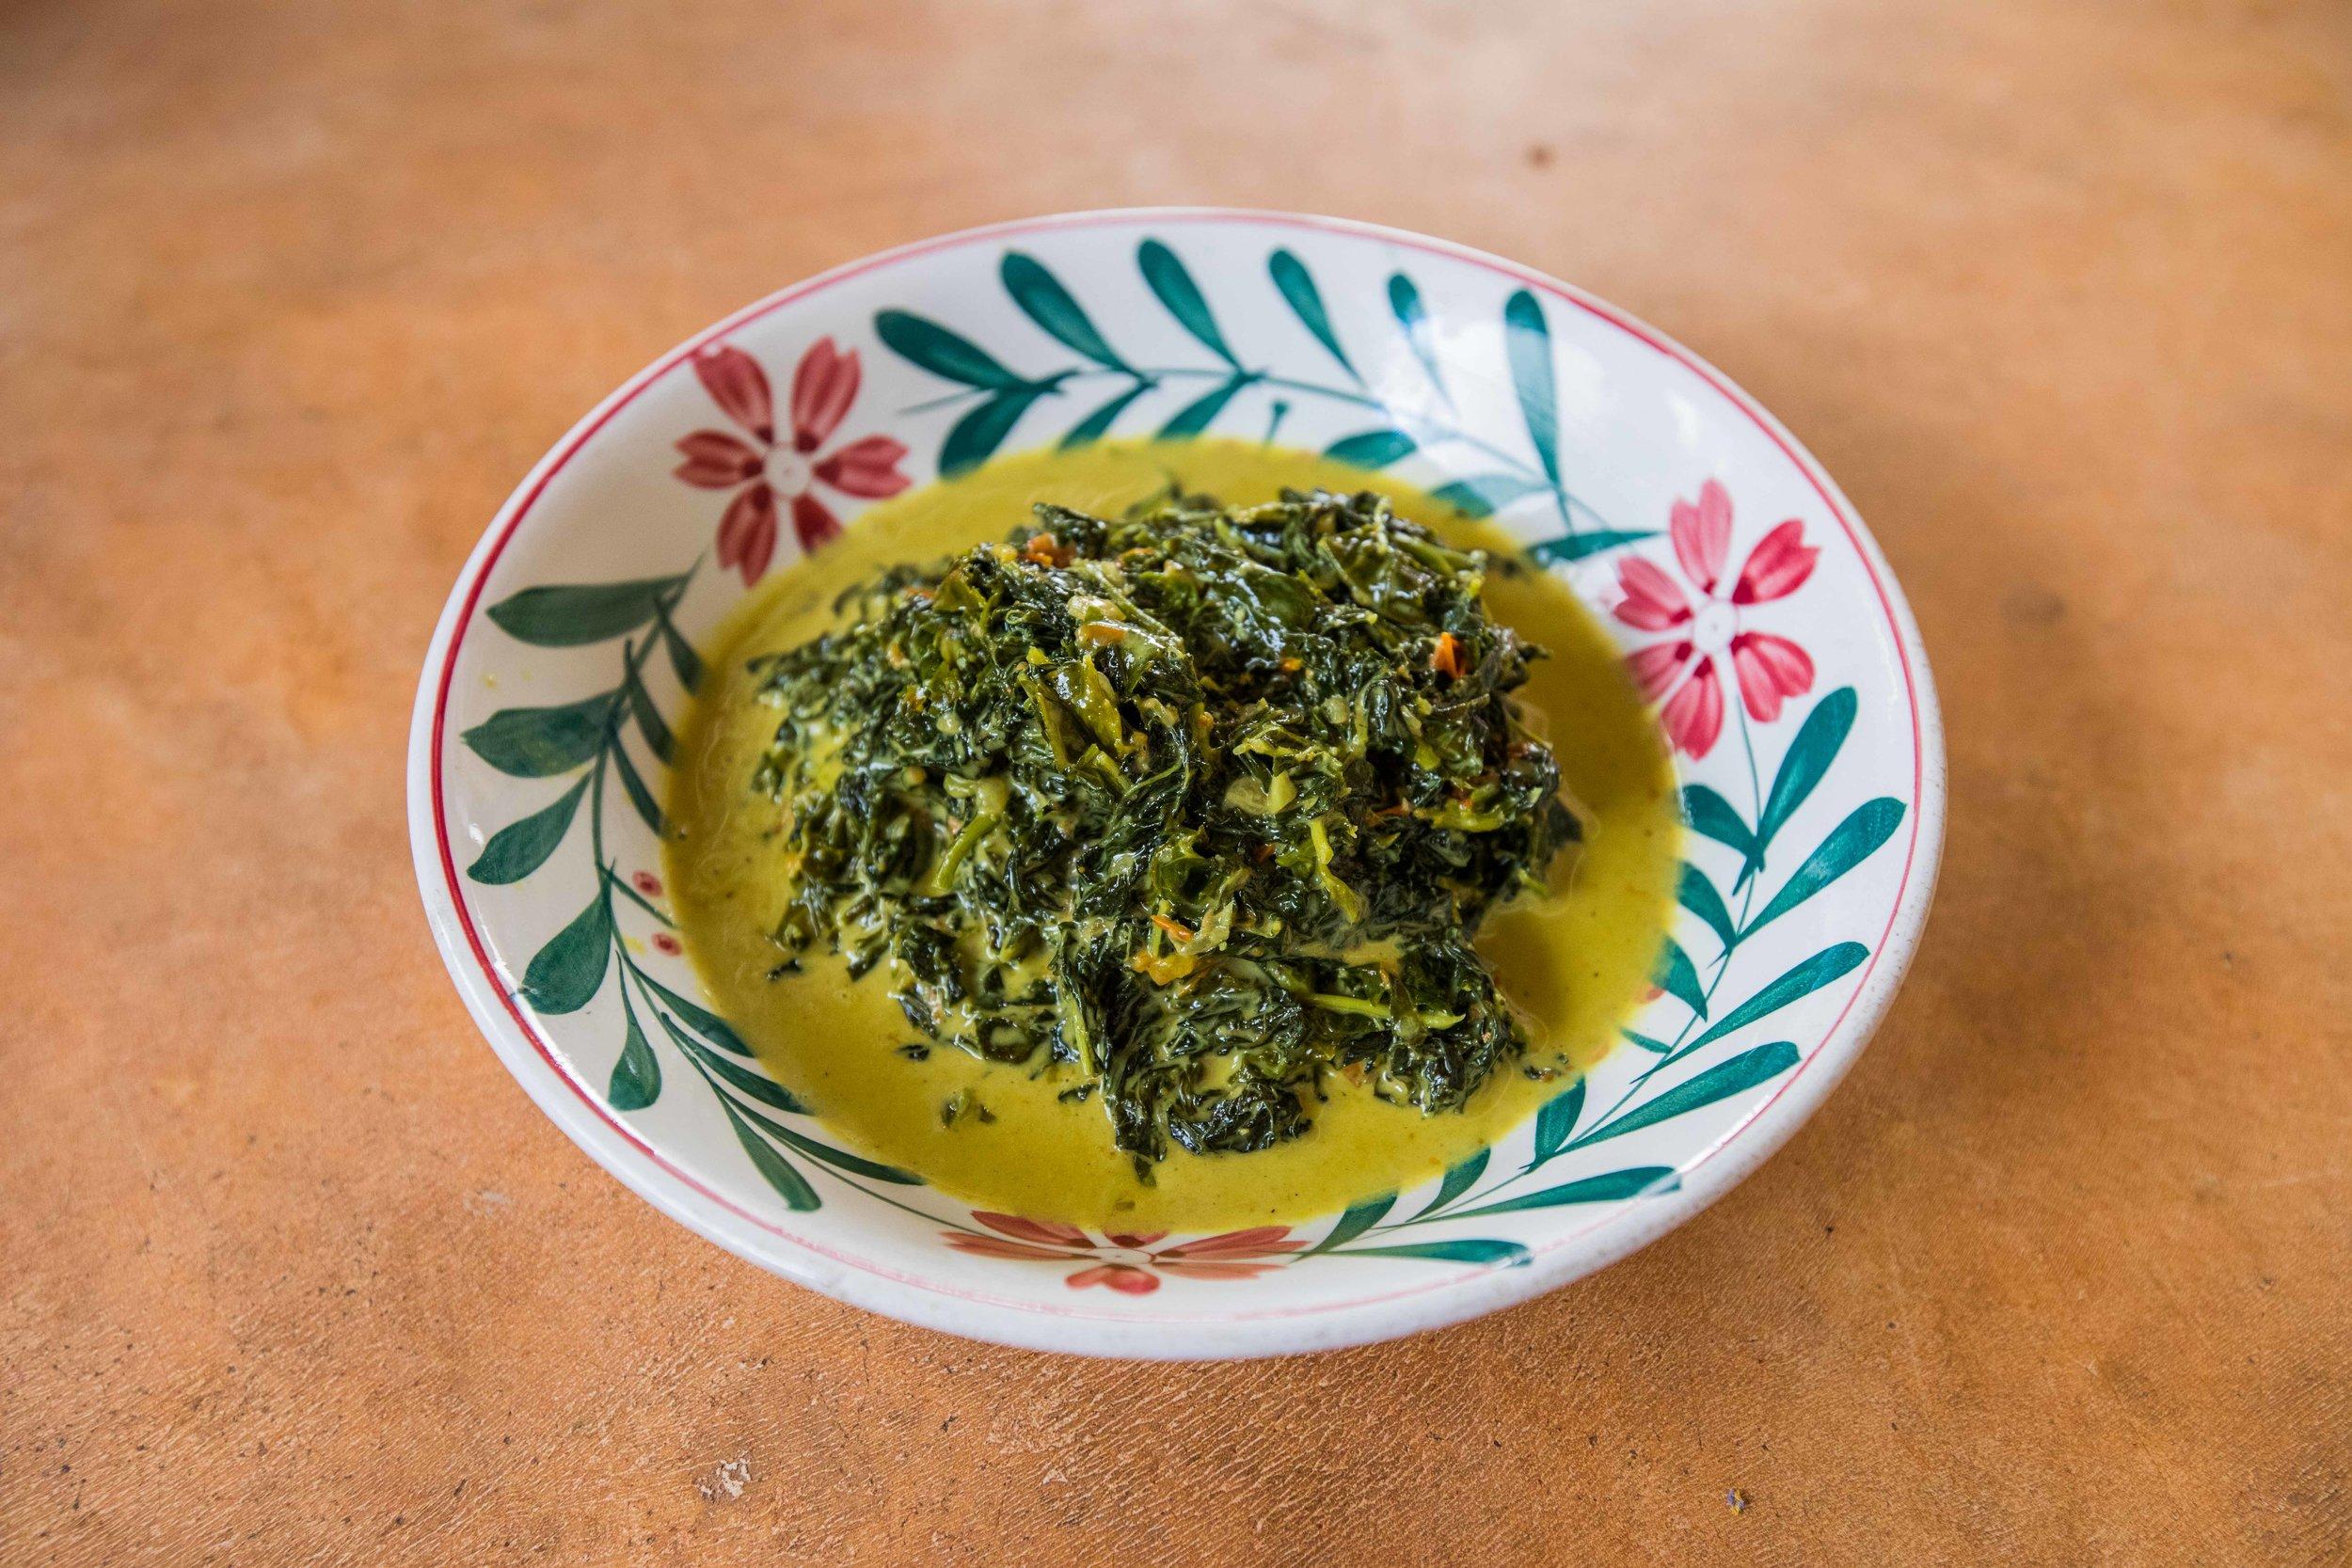 Zanzibar_SpinachCoconut_jasmineHemsley_NickHopperPhotography-4457.jpg